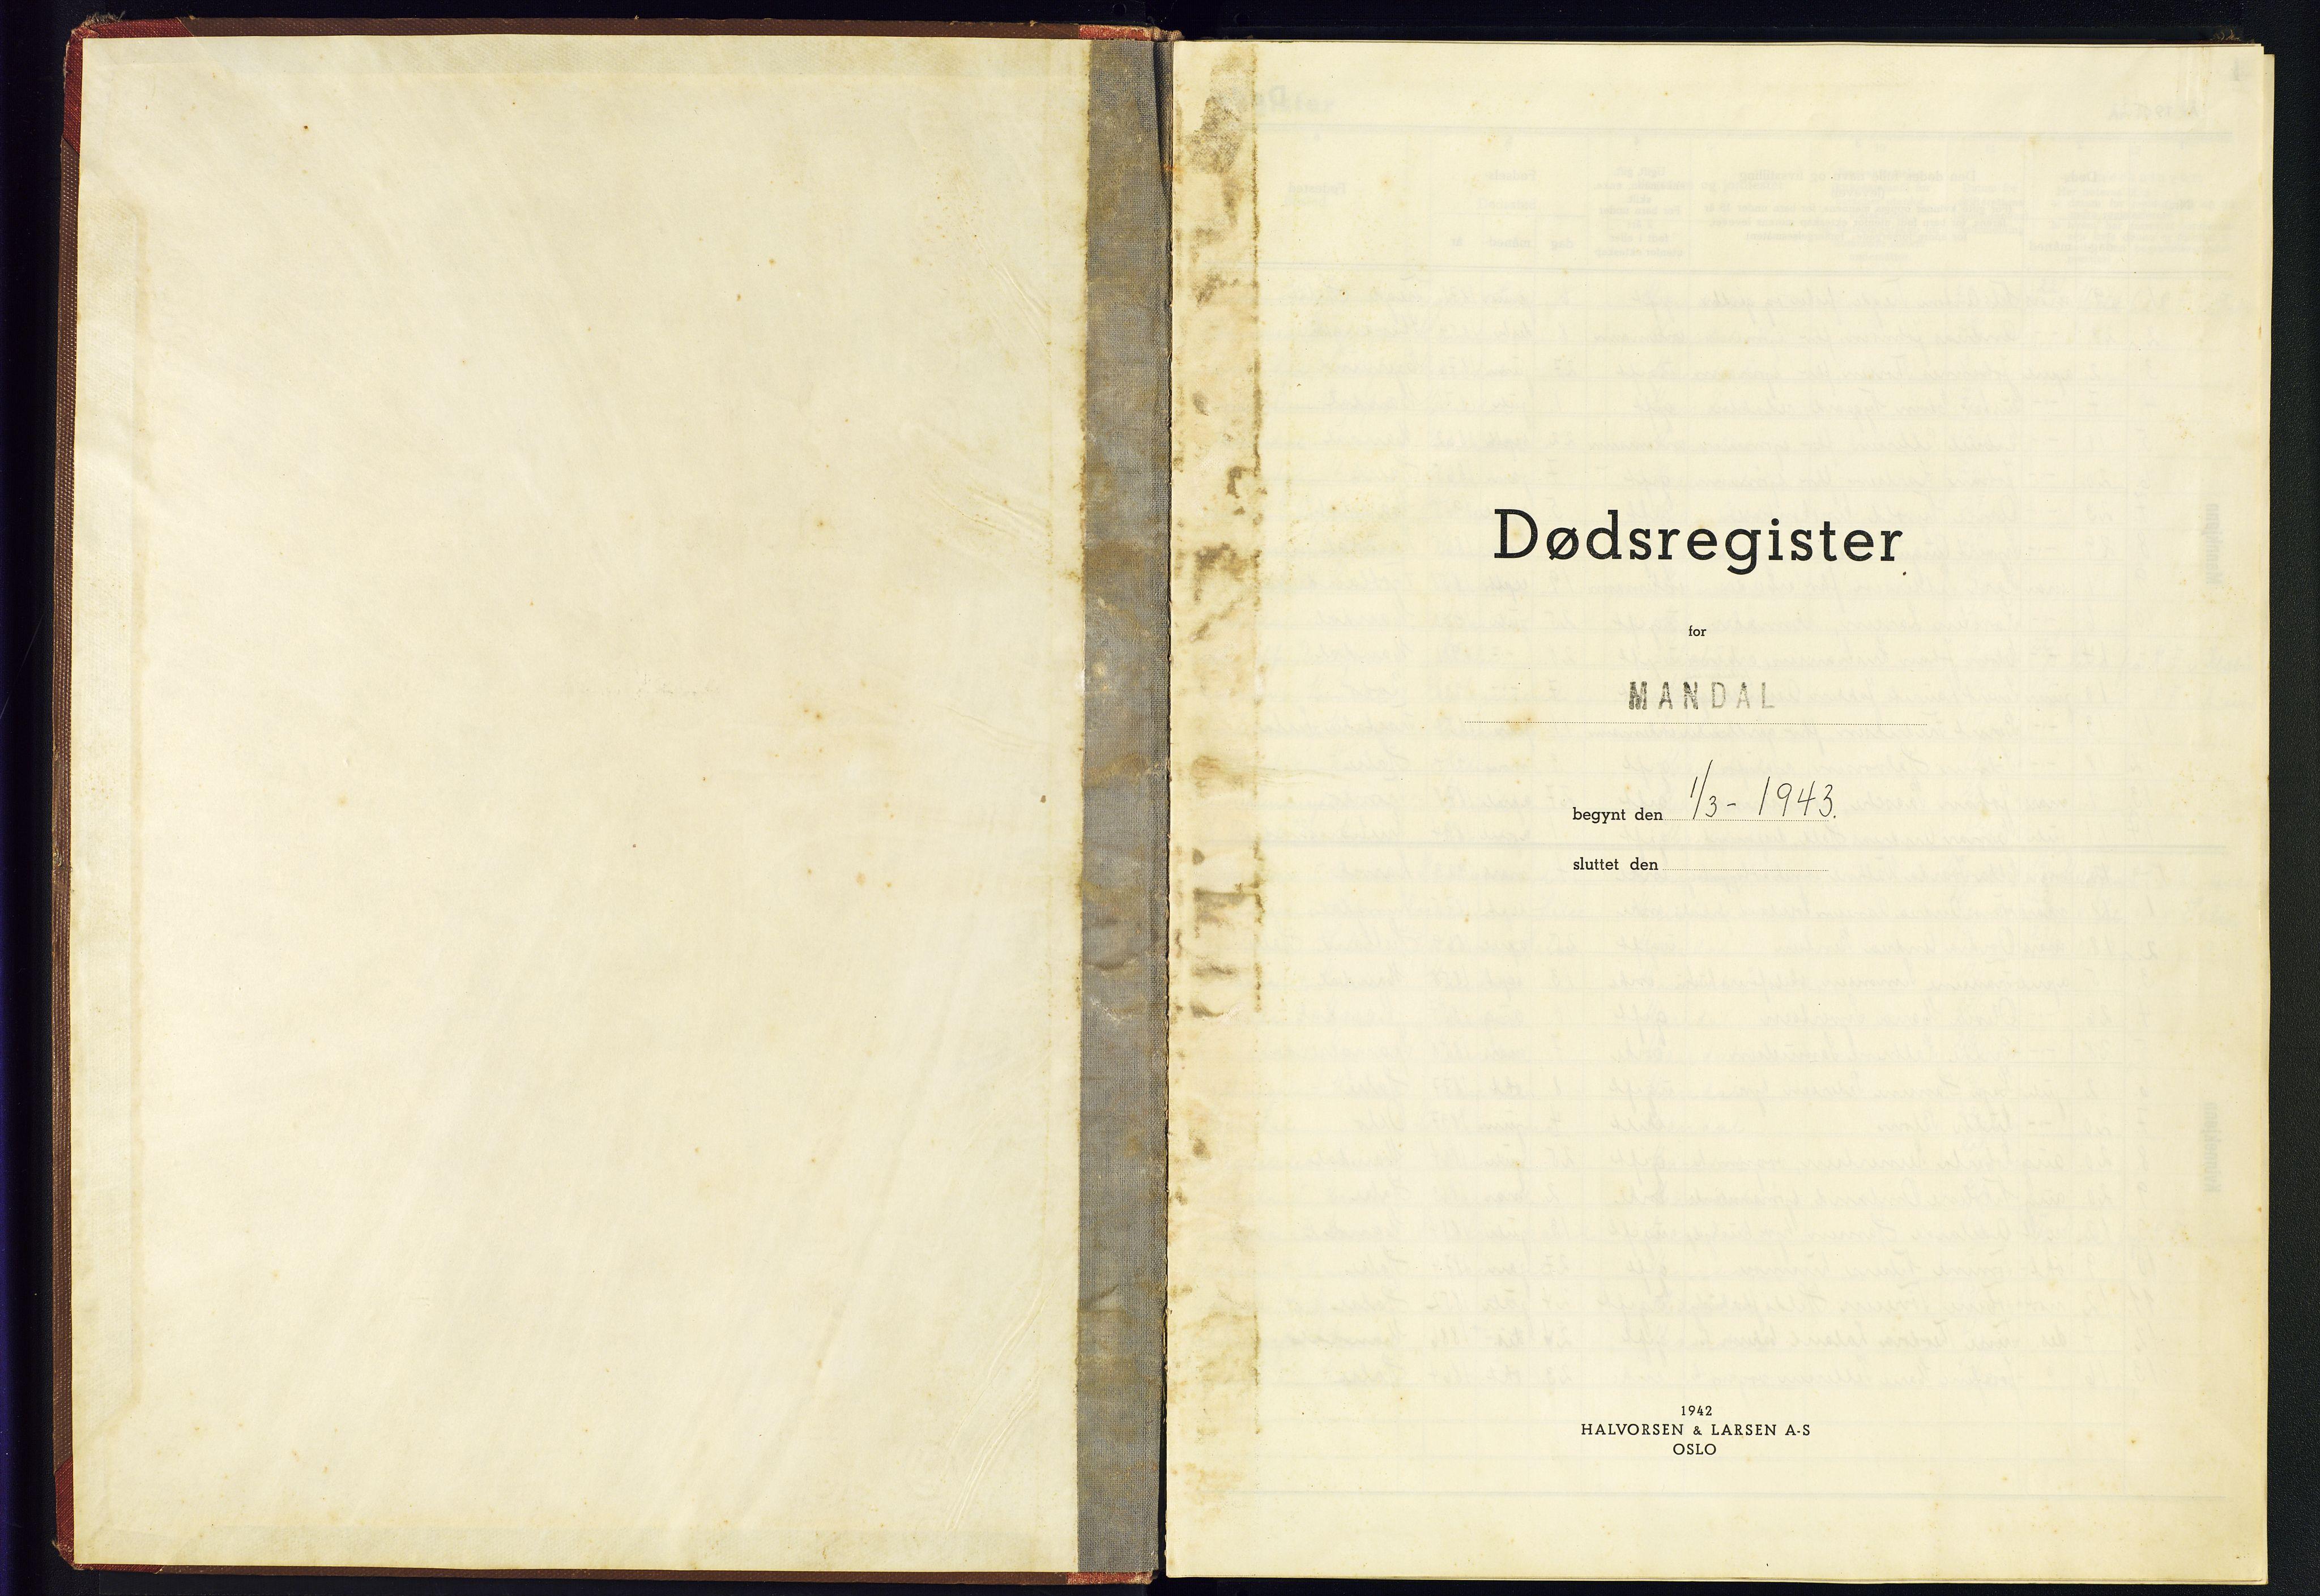 SAK, Mandal sokneprestkontor, J/Je/L0007: Dødsfallsregister Mandal, 1943-1945